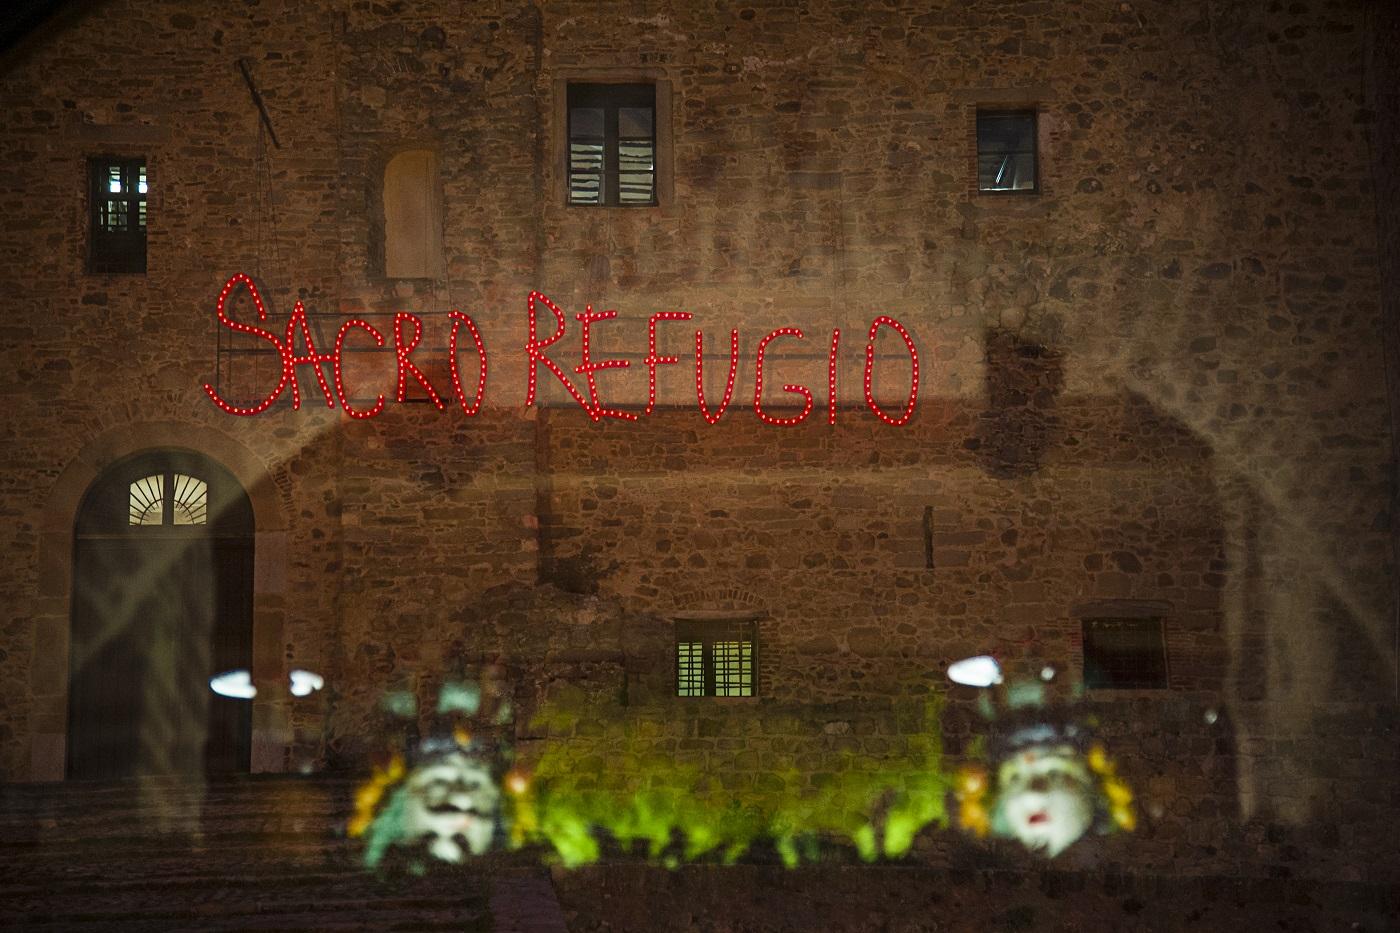 Francesco De Grandi/Dito Sinistro, Sacro Refugio, 2019. Museo Civico di Castelbuono. Ph. Valentina Minutella